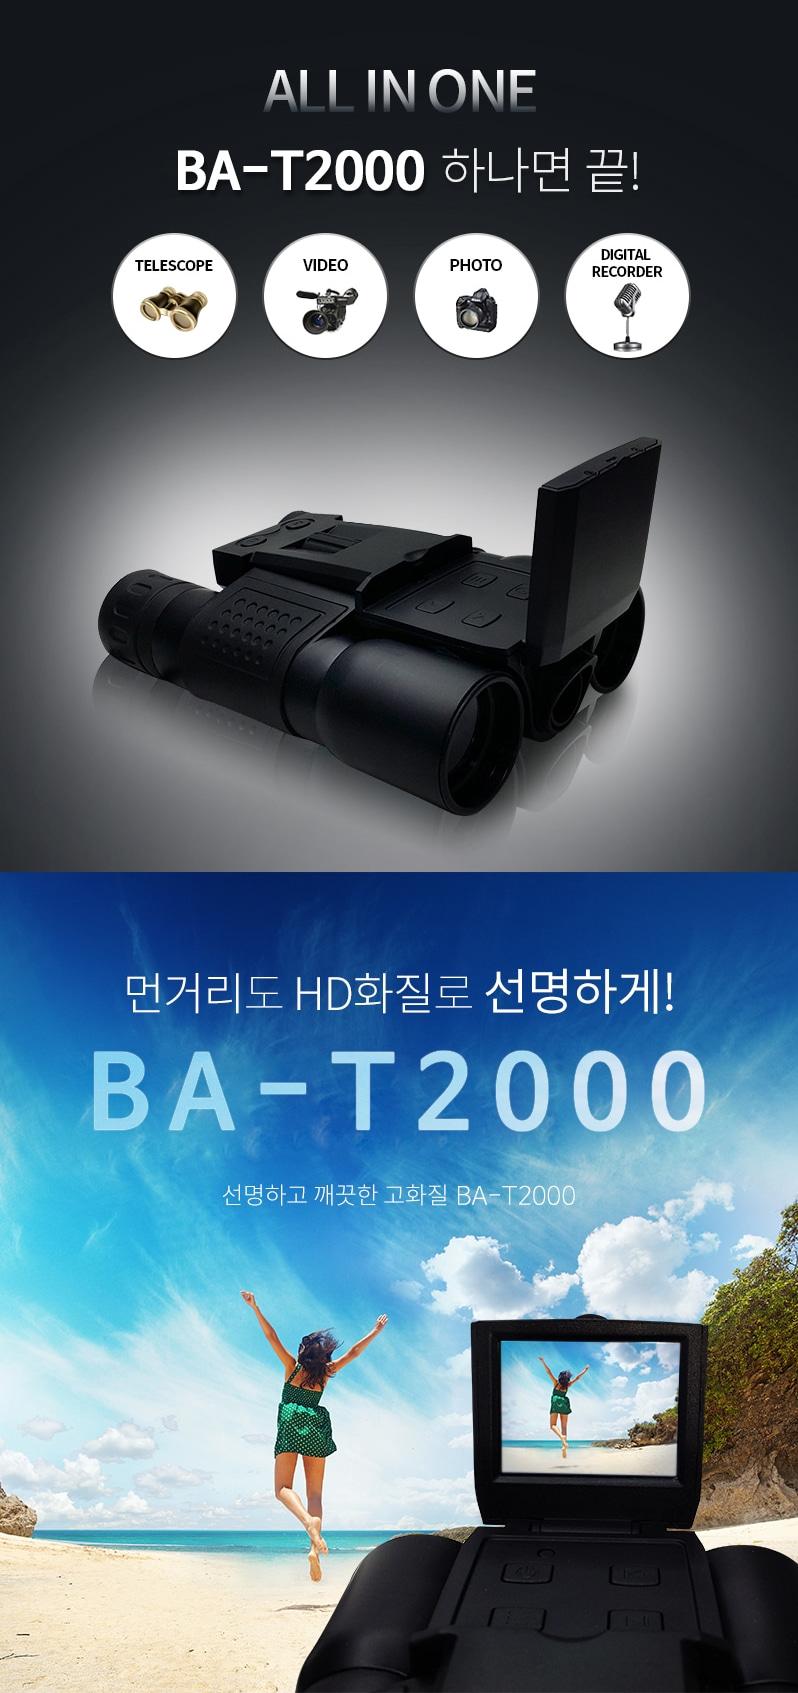 b642c904bdd0fc71564cceb22ead50f2_1560581040_1667.jpg